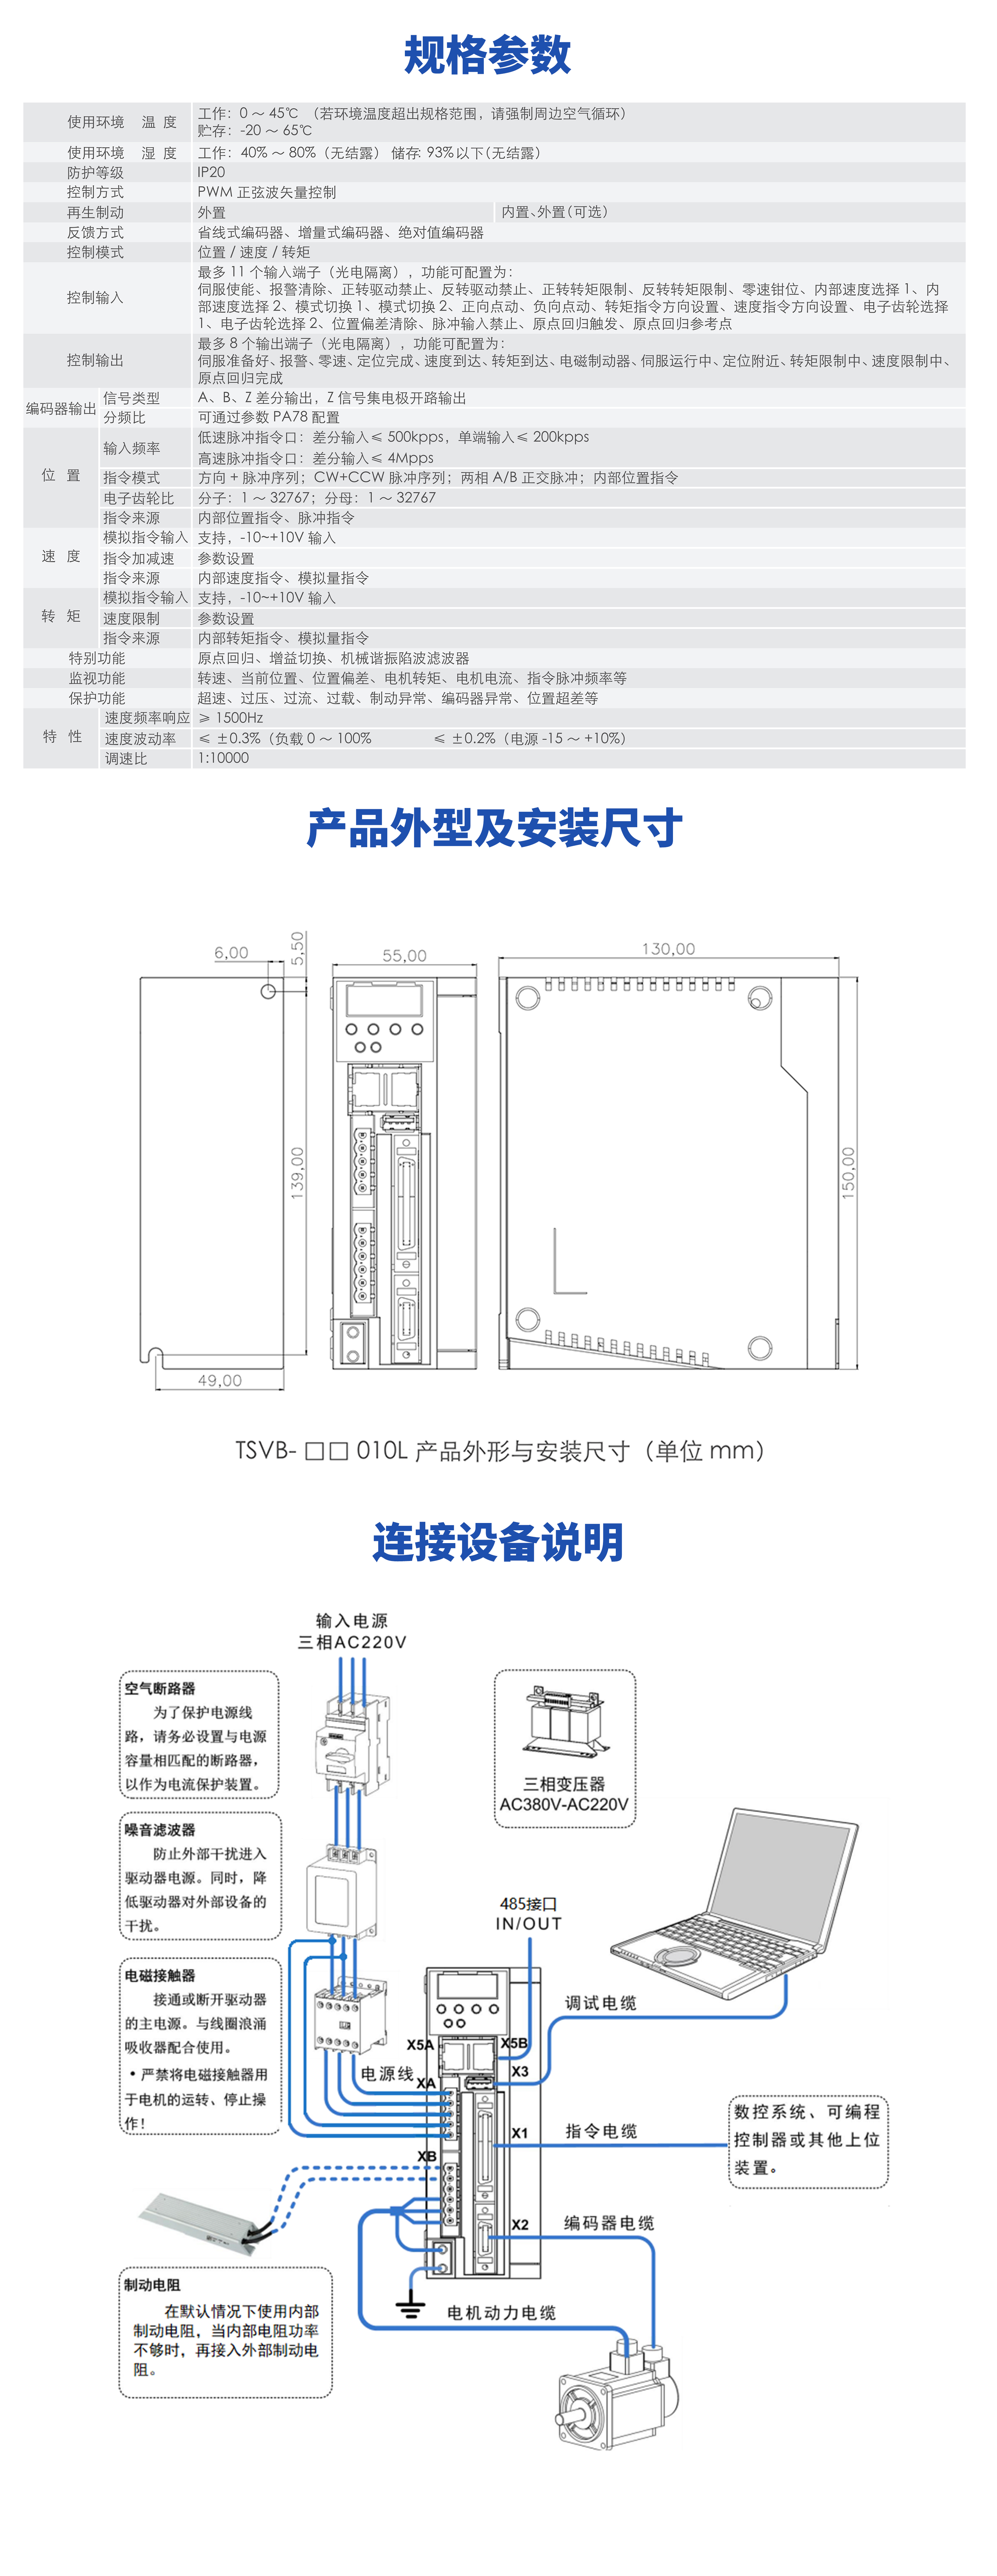 PA模板-010-2.jpg